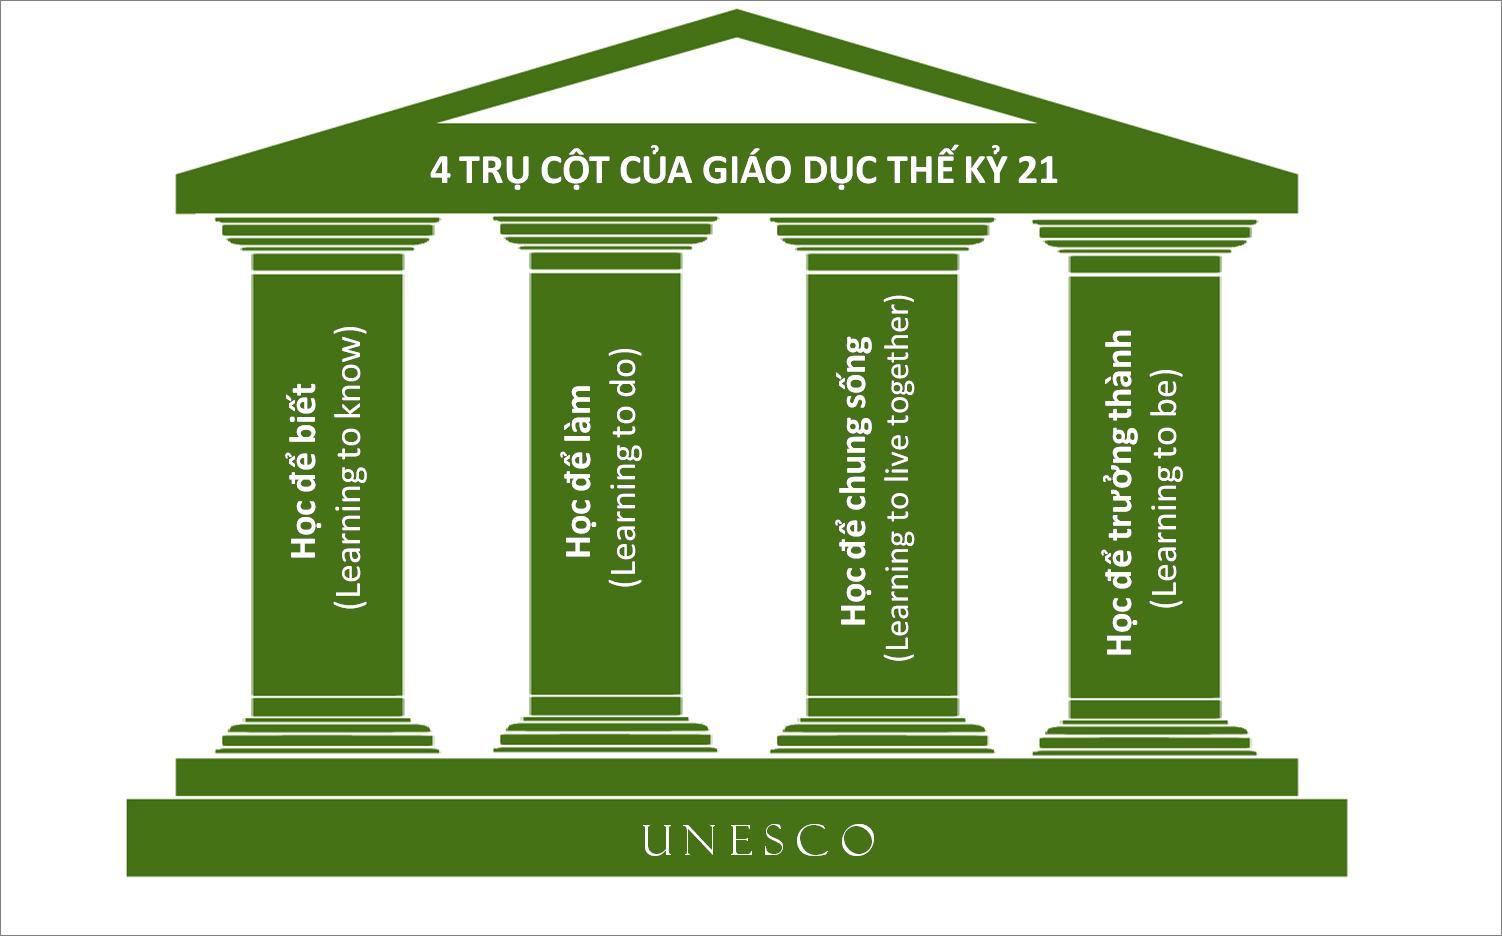 Bốn trụ cột học tập của UNESCO cho thế kỷ 21